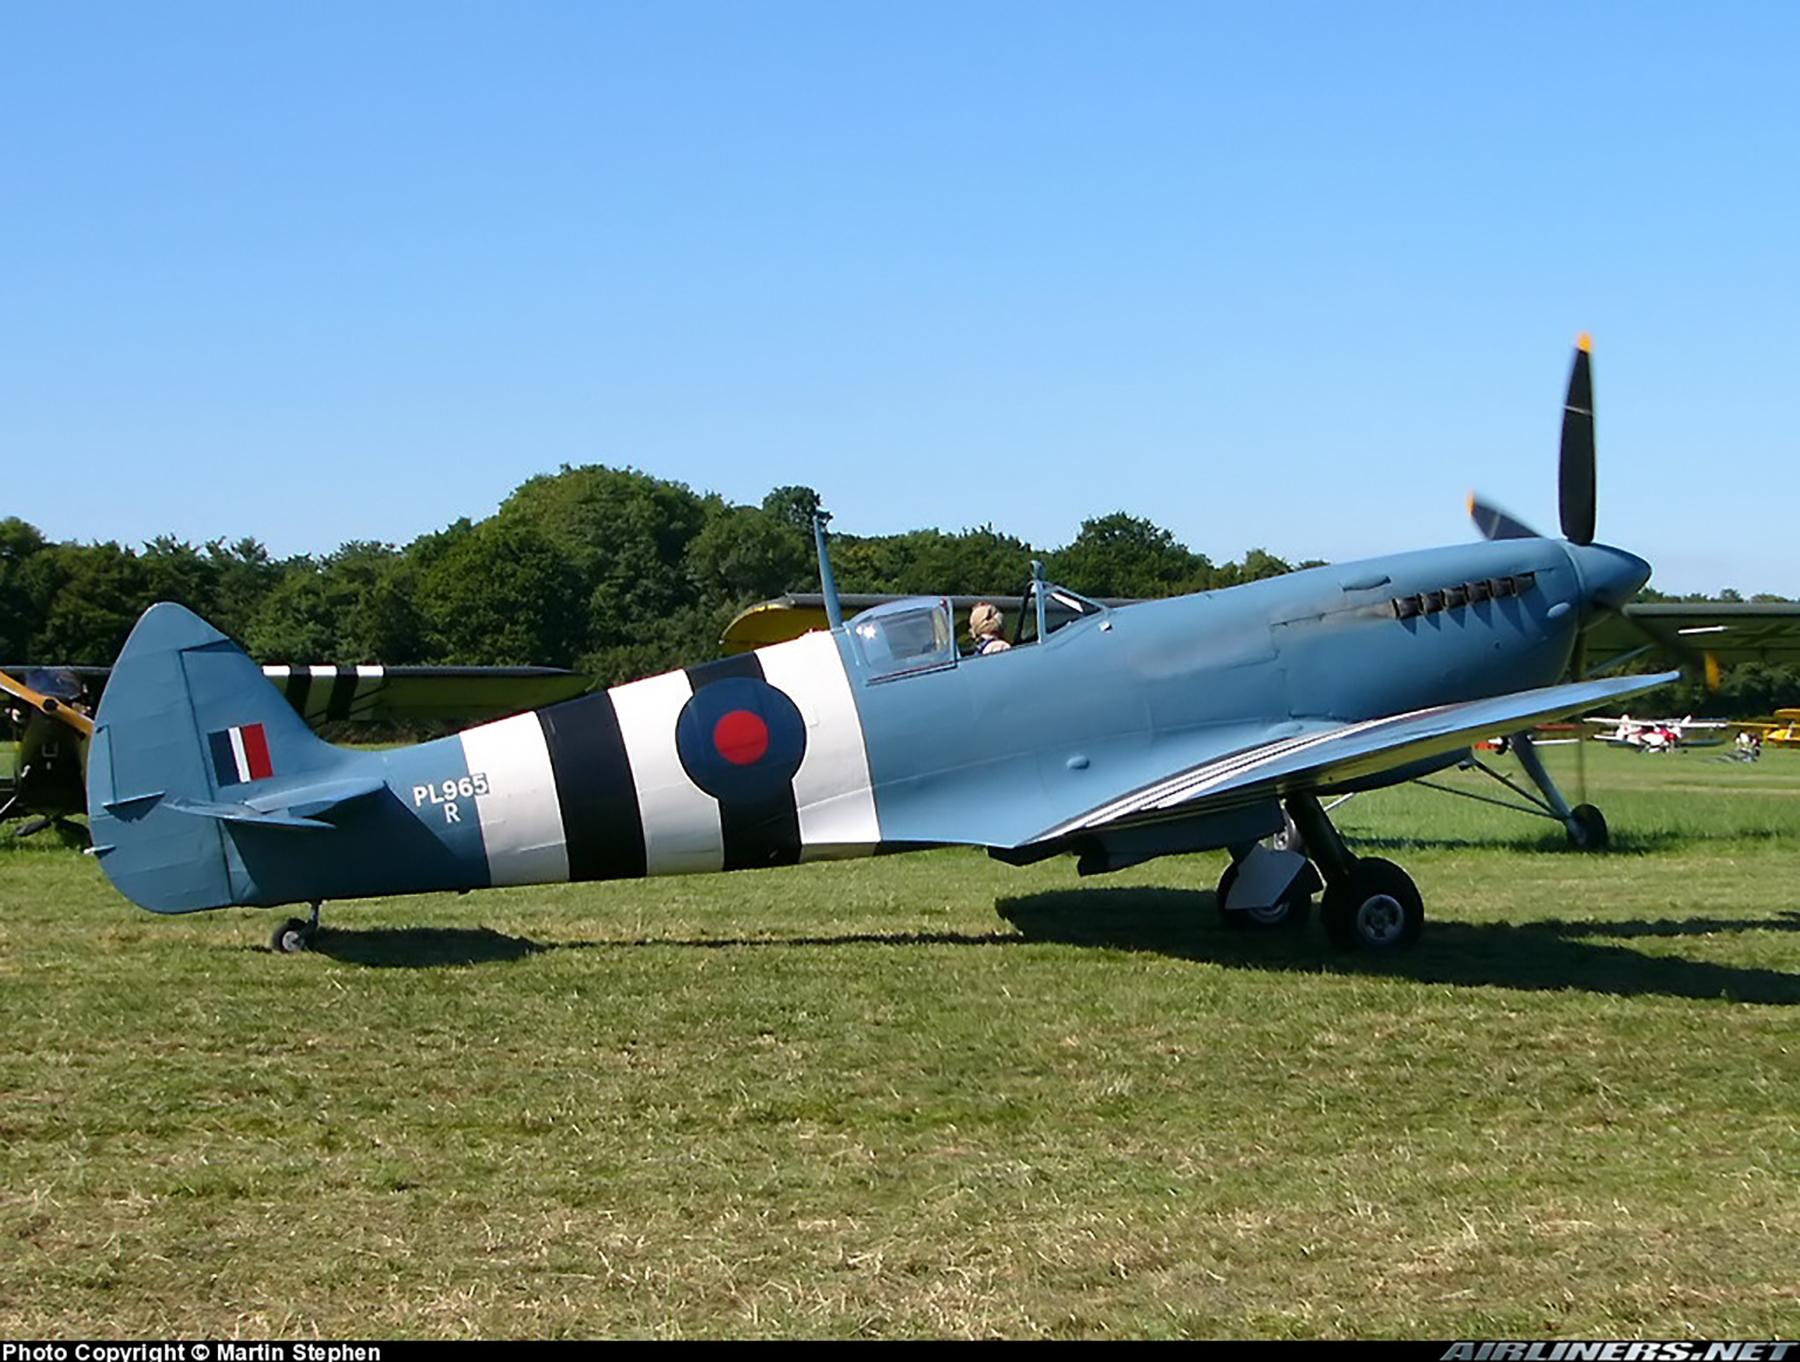 Airworthy Spitfire warbird PRXI RAF 16Sqn R PL965 01